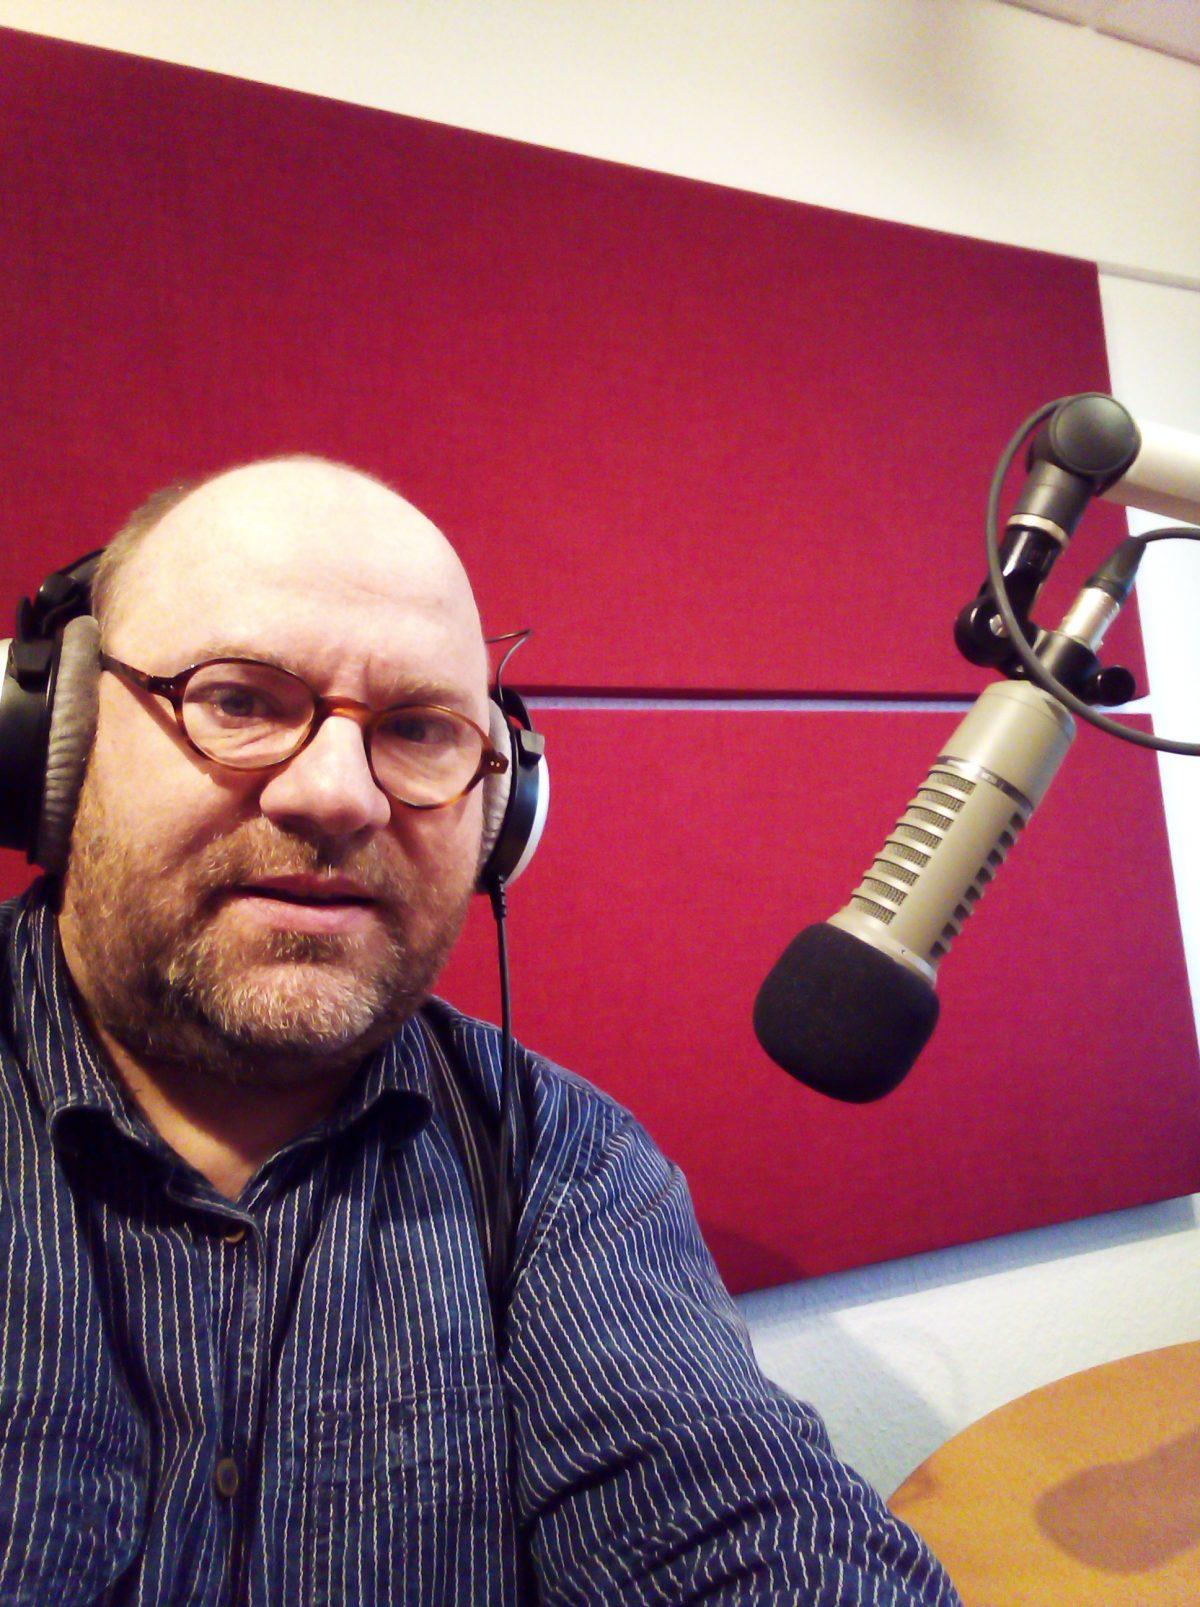 Jan Michaelis arbeitet auch als Radiomoderator.